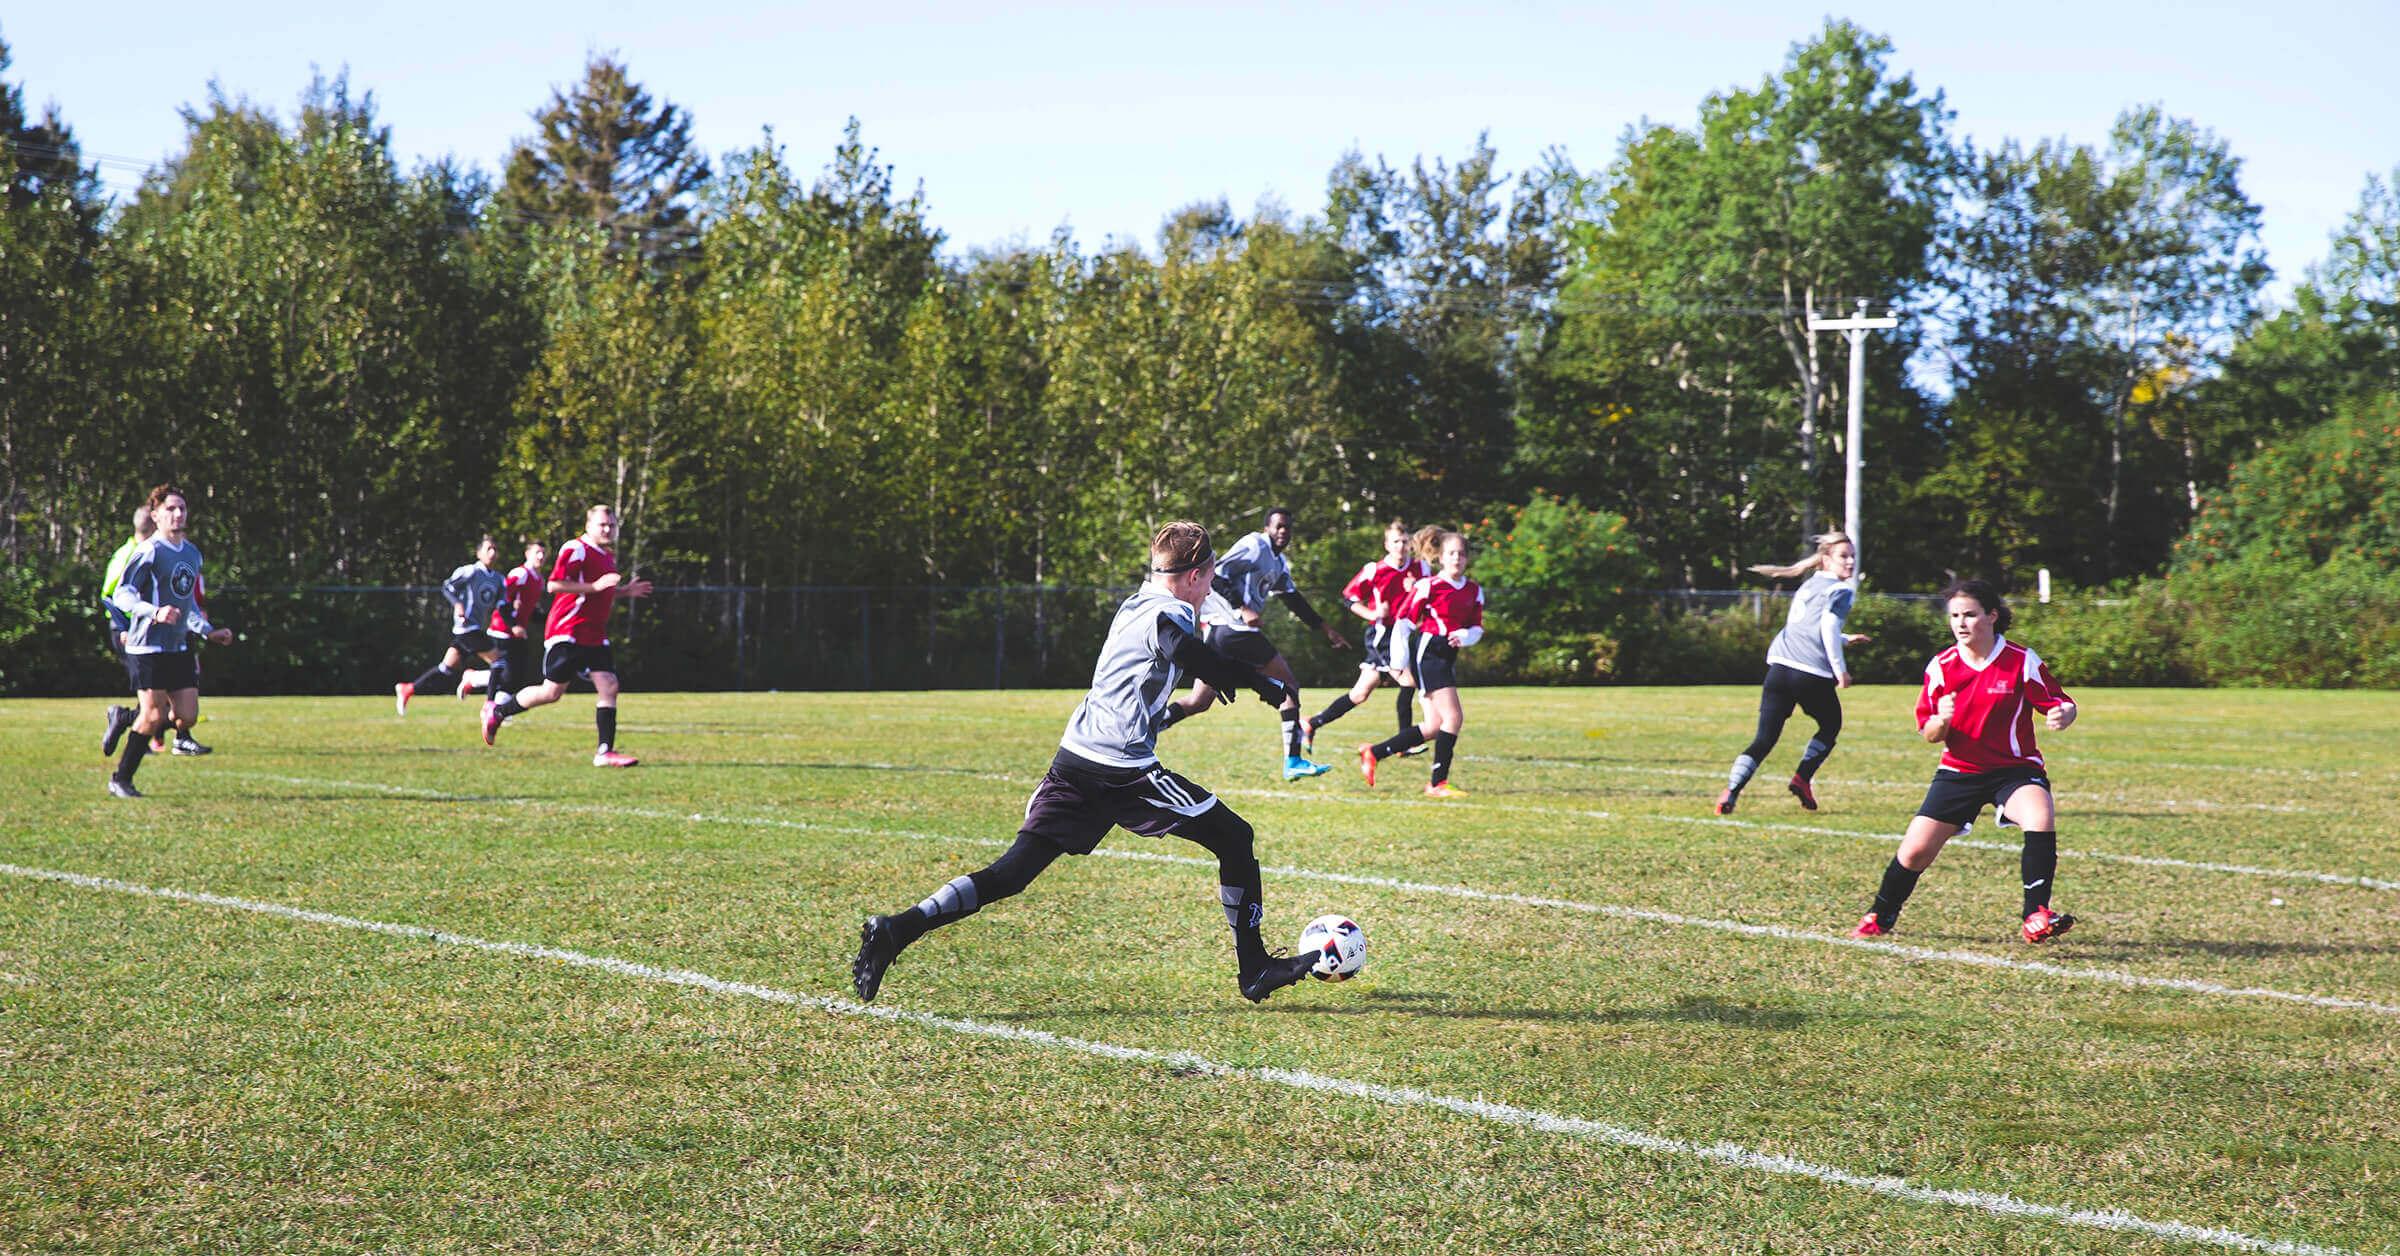 Équipe de soccer extérieur Les Capitaines en compétition<br />